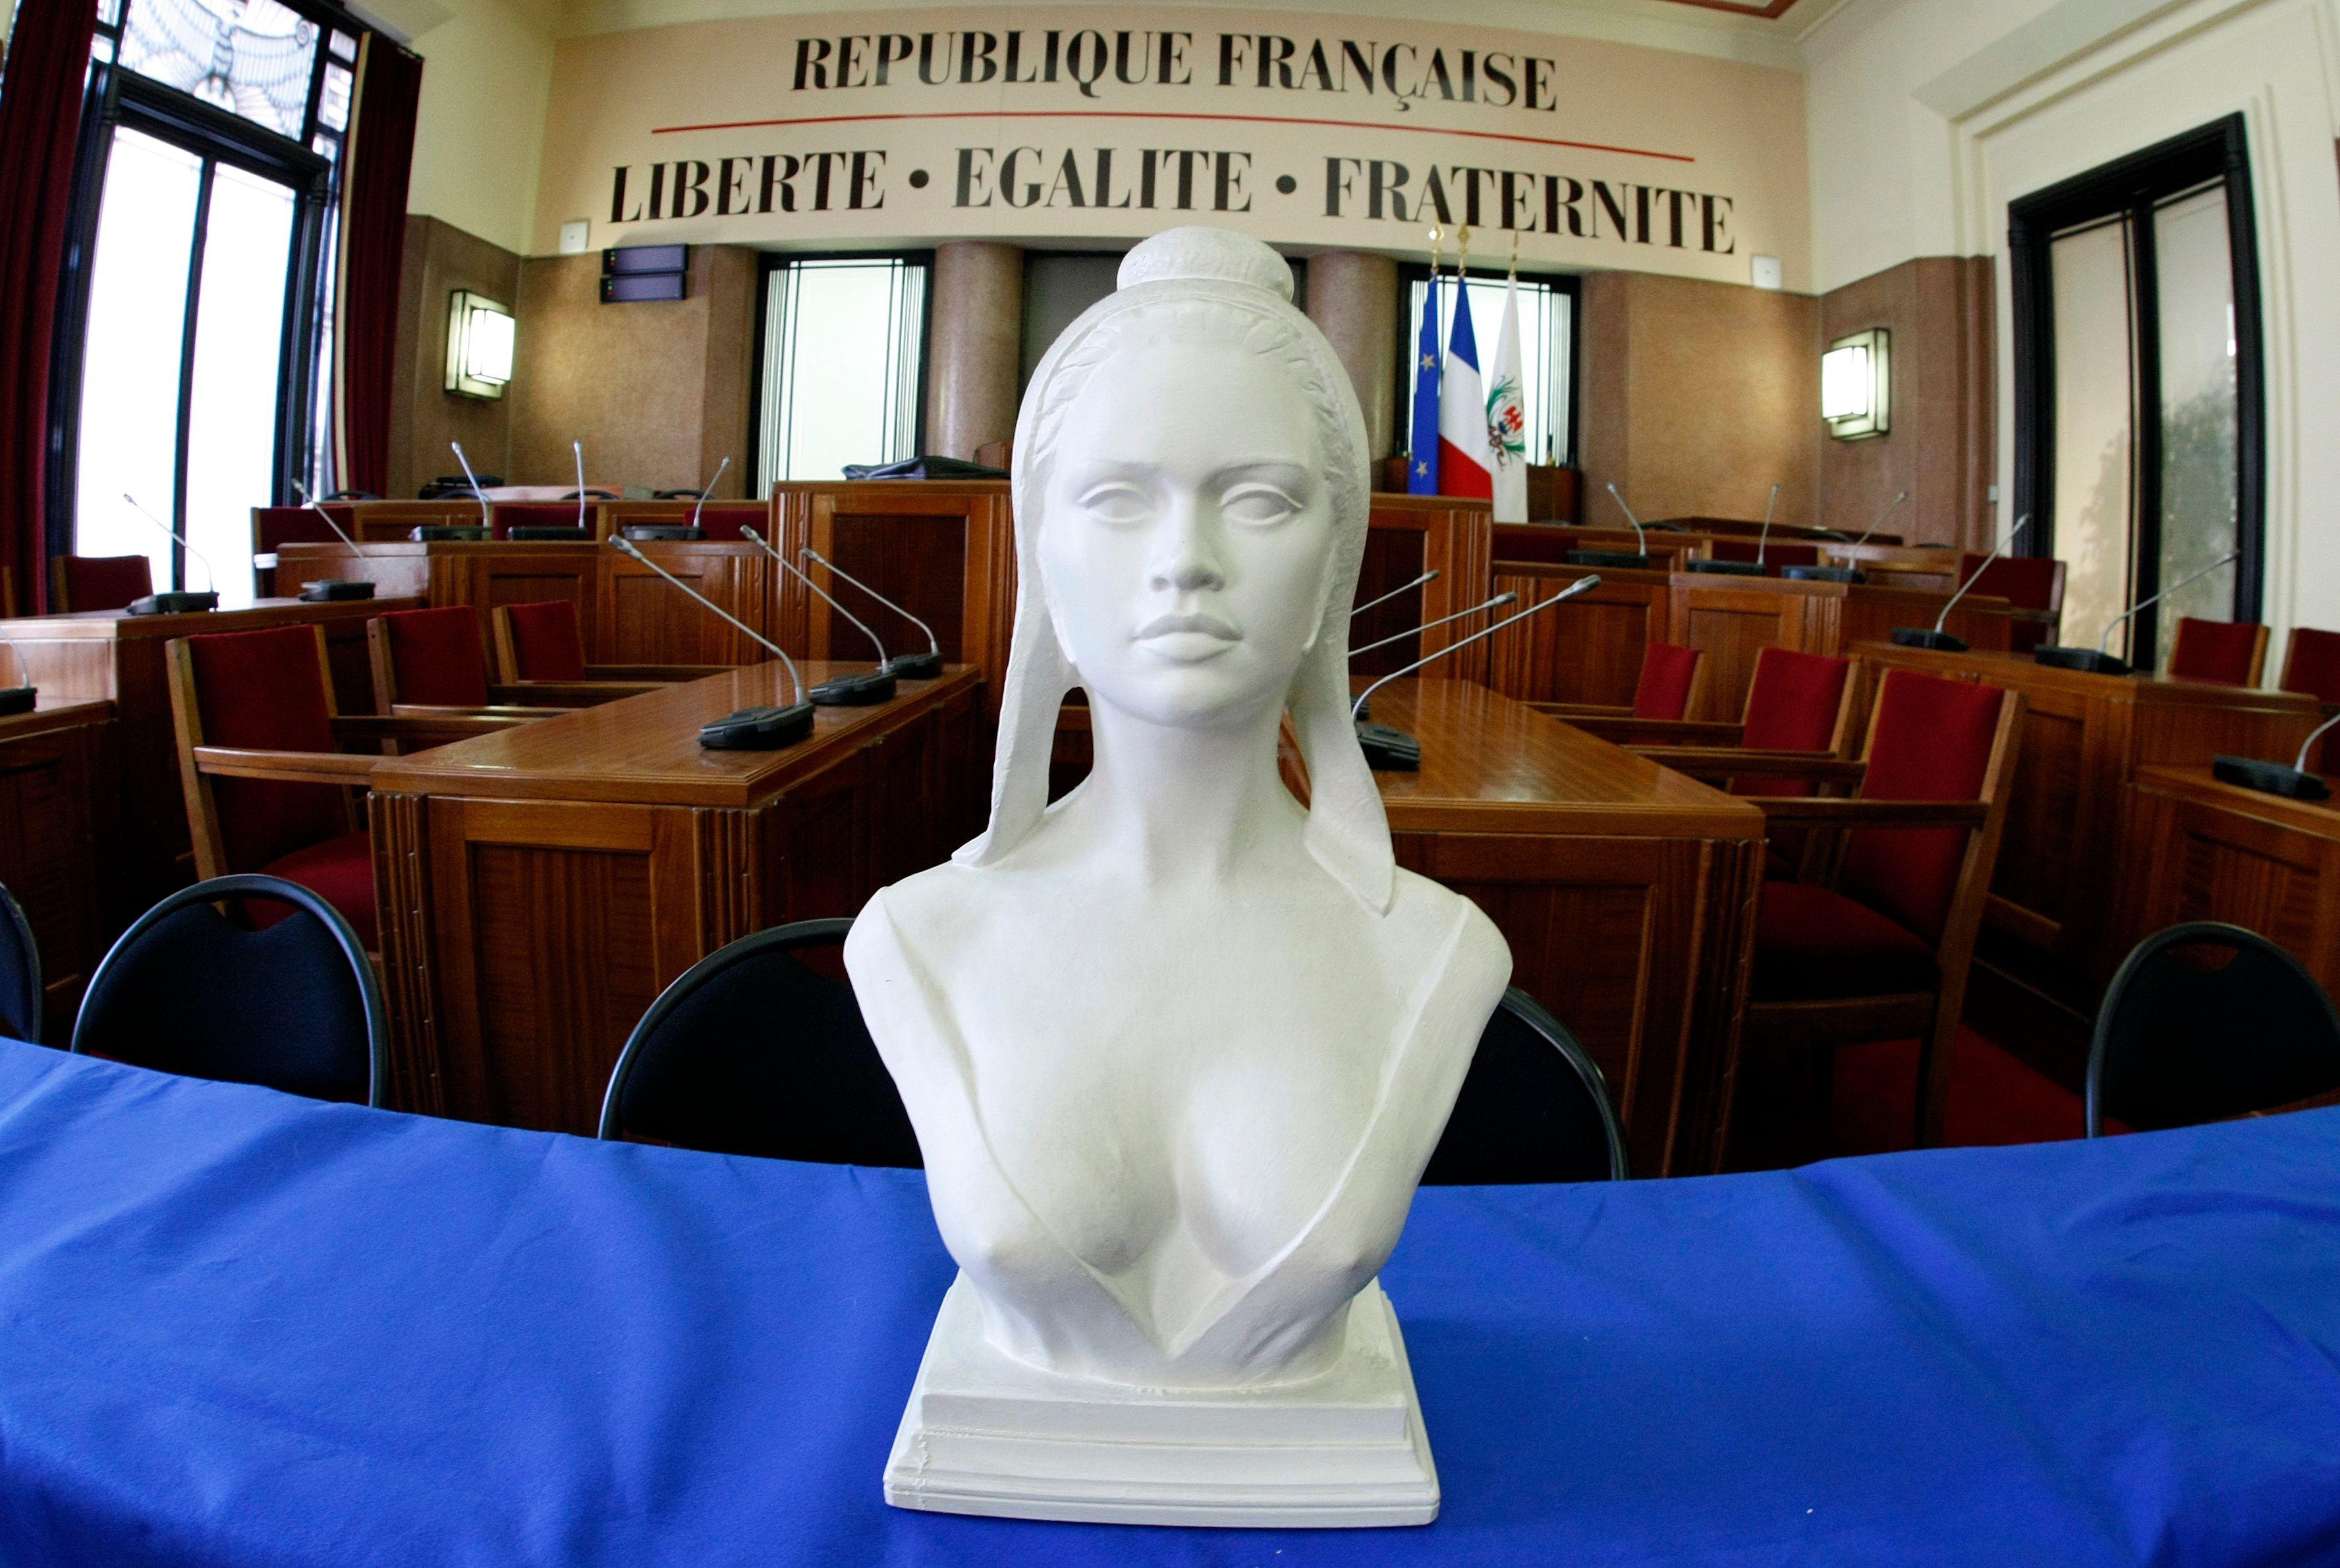 """Virginie Martin estime qu'il faut prendre des distances avec l'idée de """"République française une et indivisible""""."""